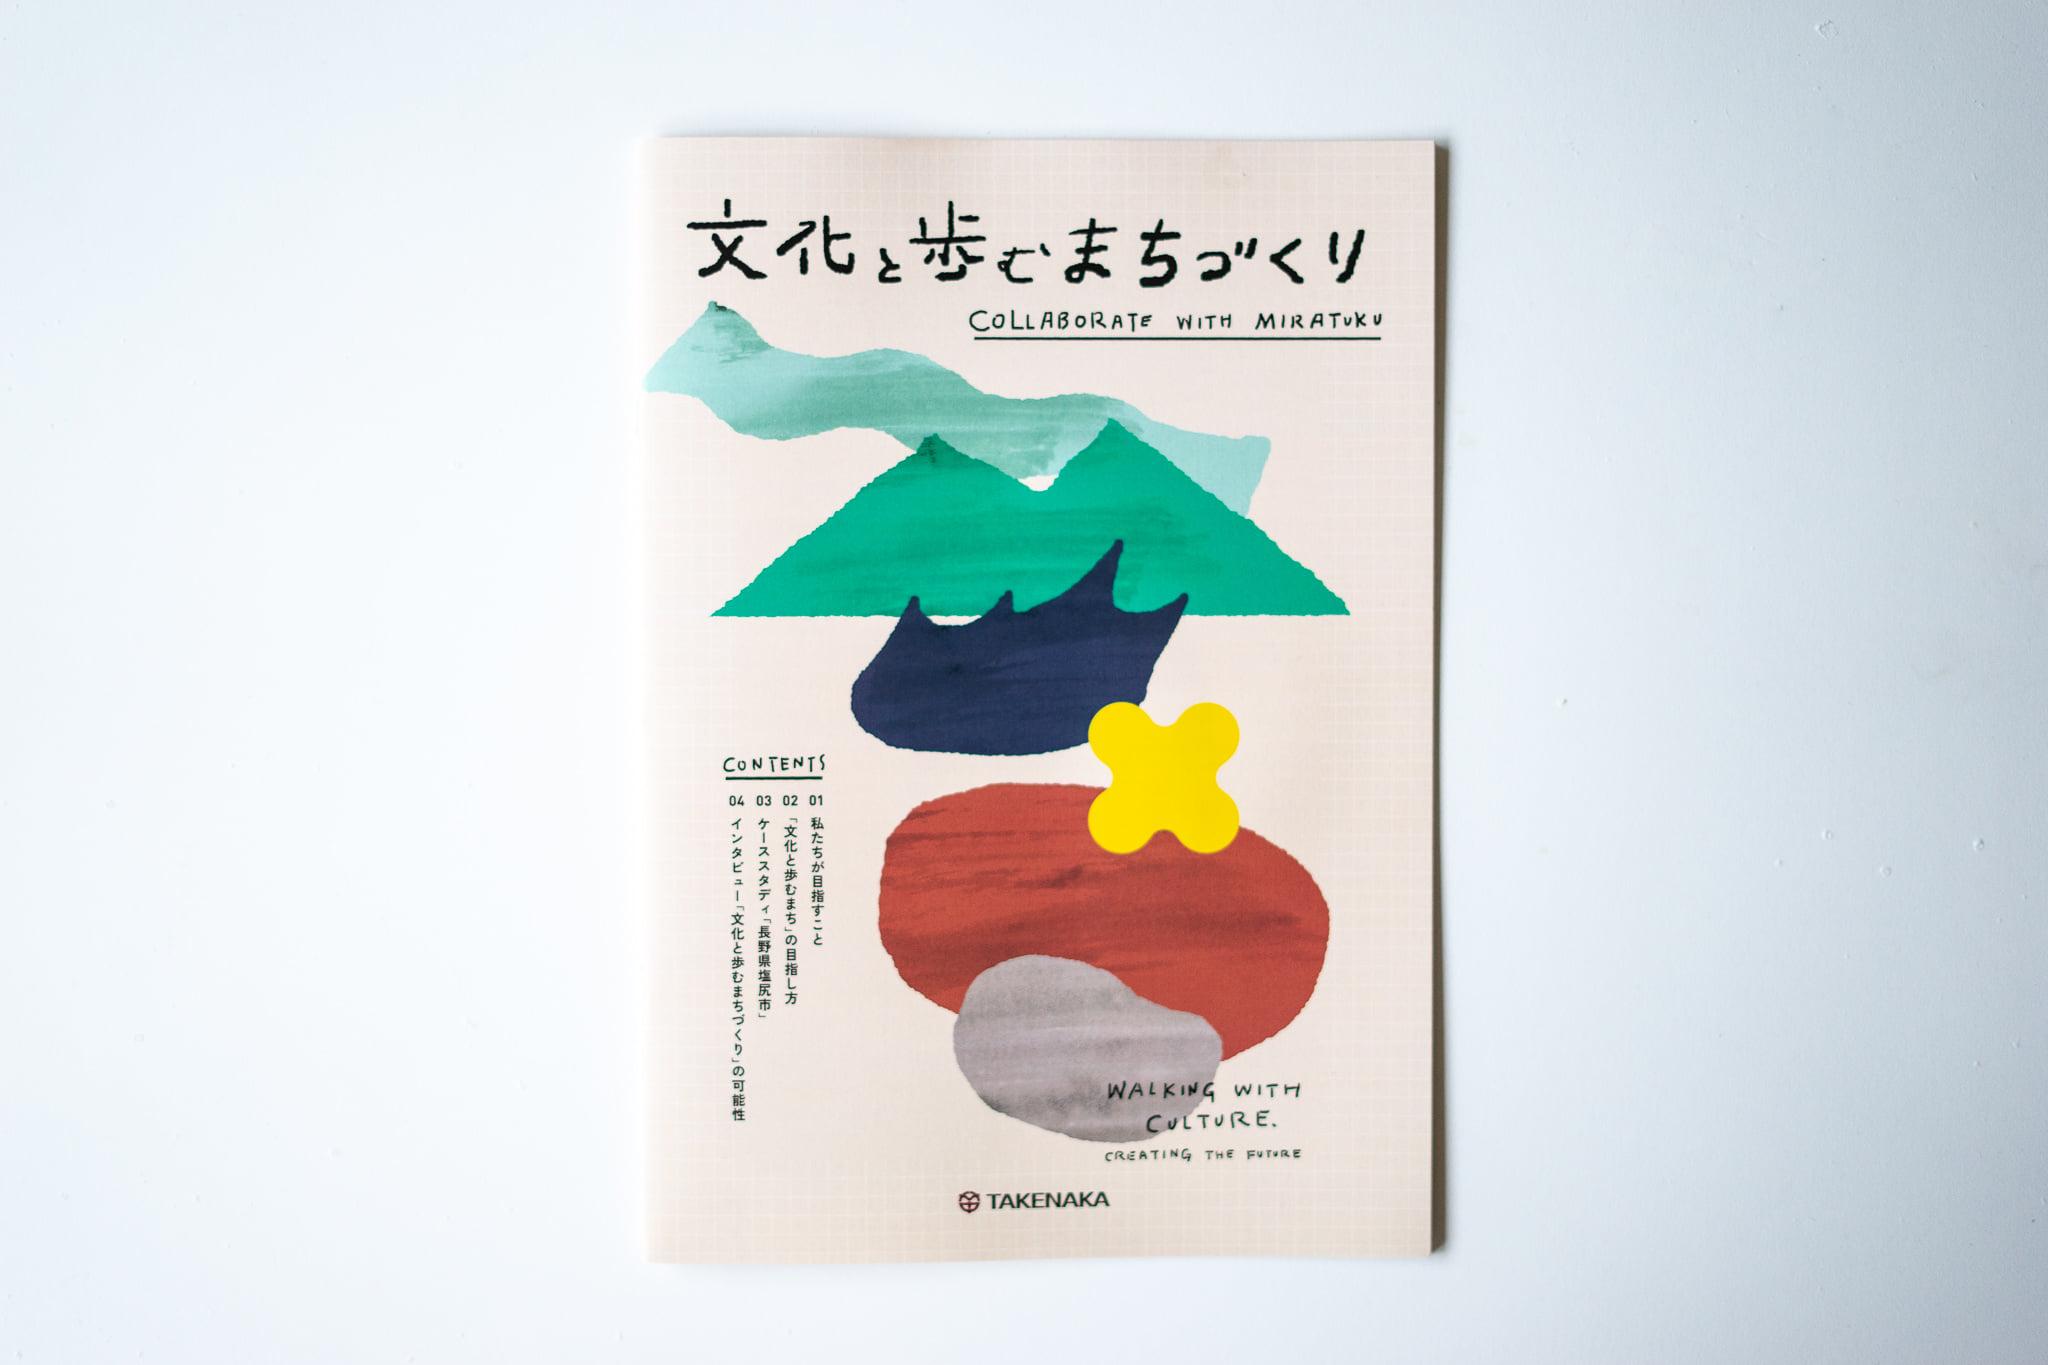 竹中工務店「文化と歩むまちづくり」パンフレット